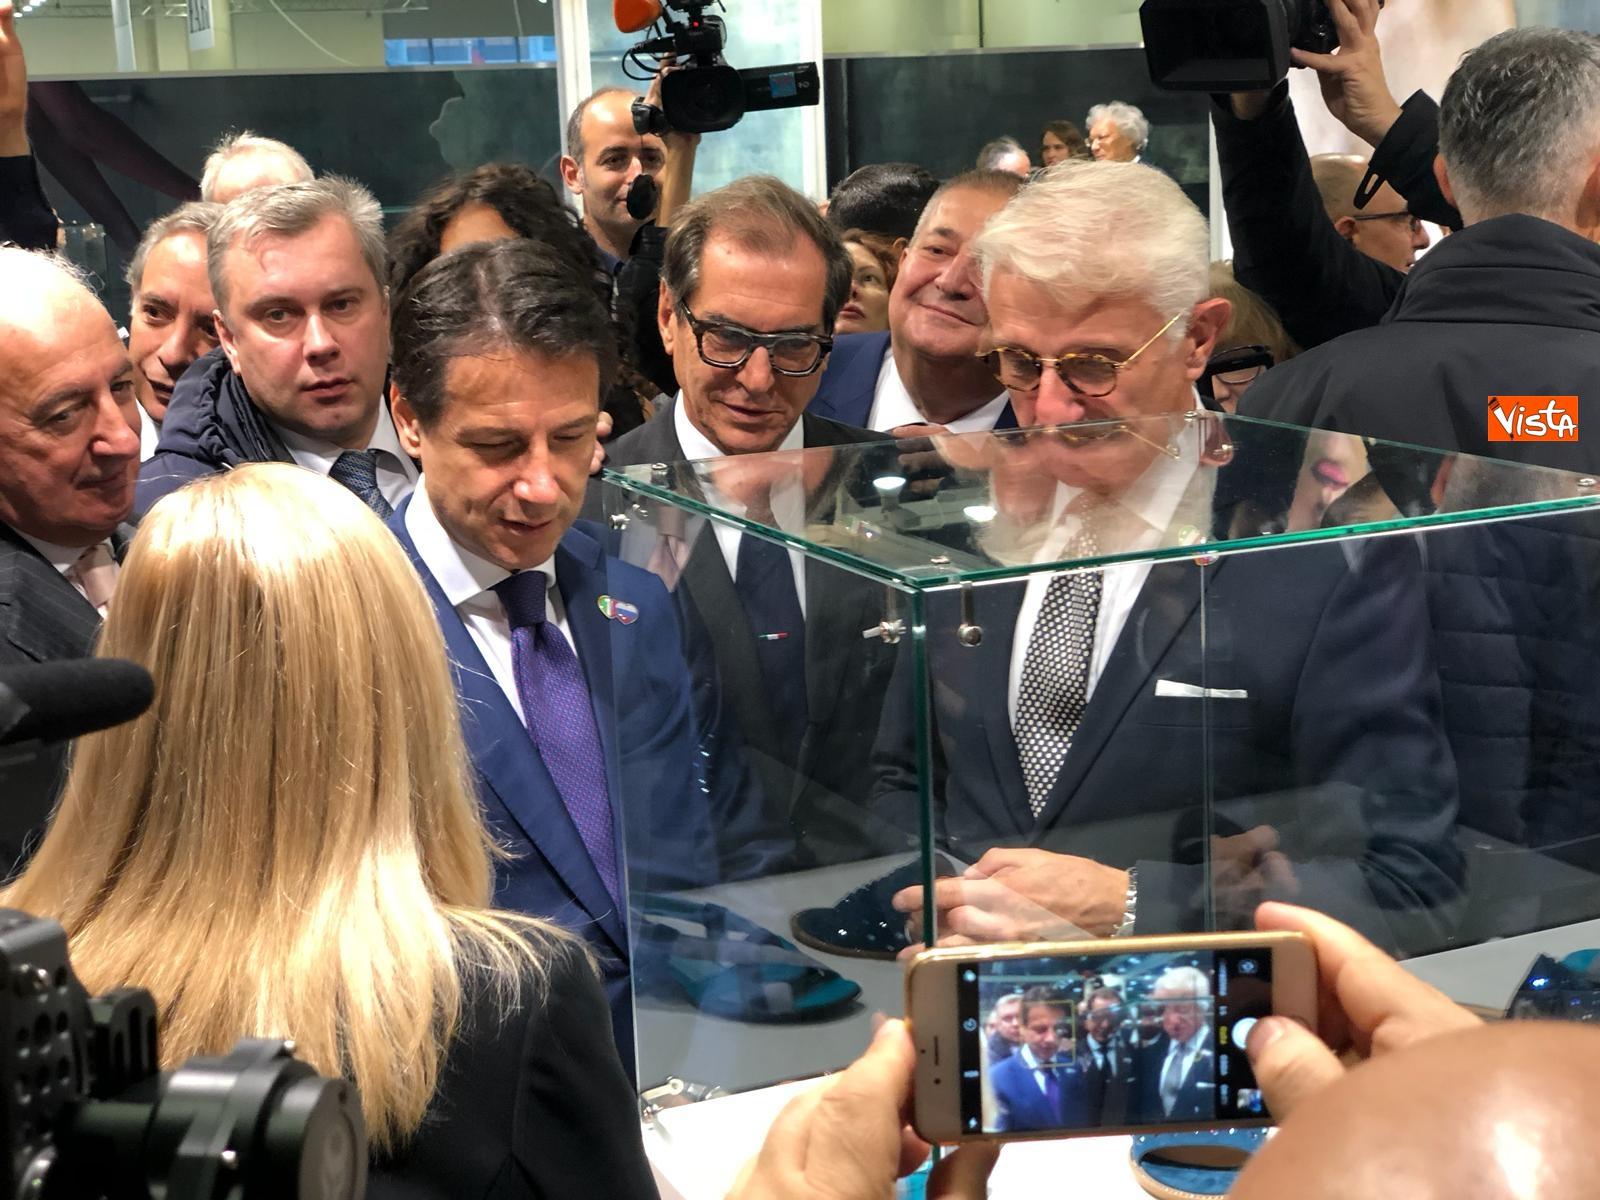 24-10-18 Conte all'Expocenter di Mosca con gli imprenditori italiani 2